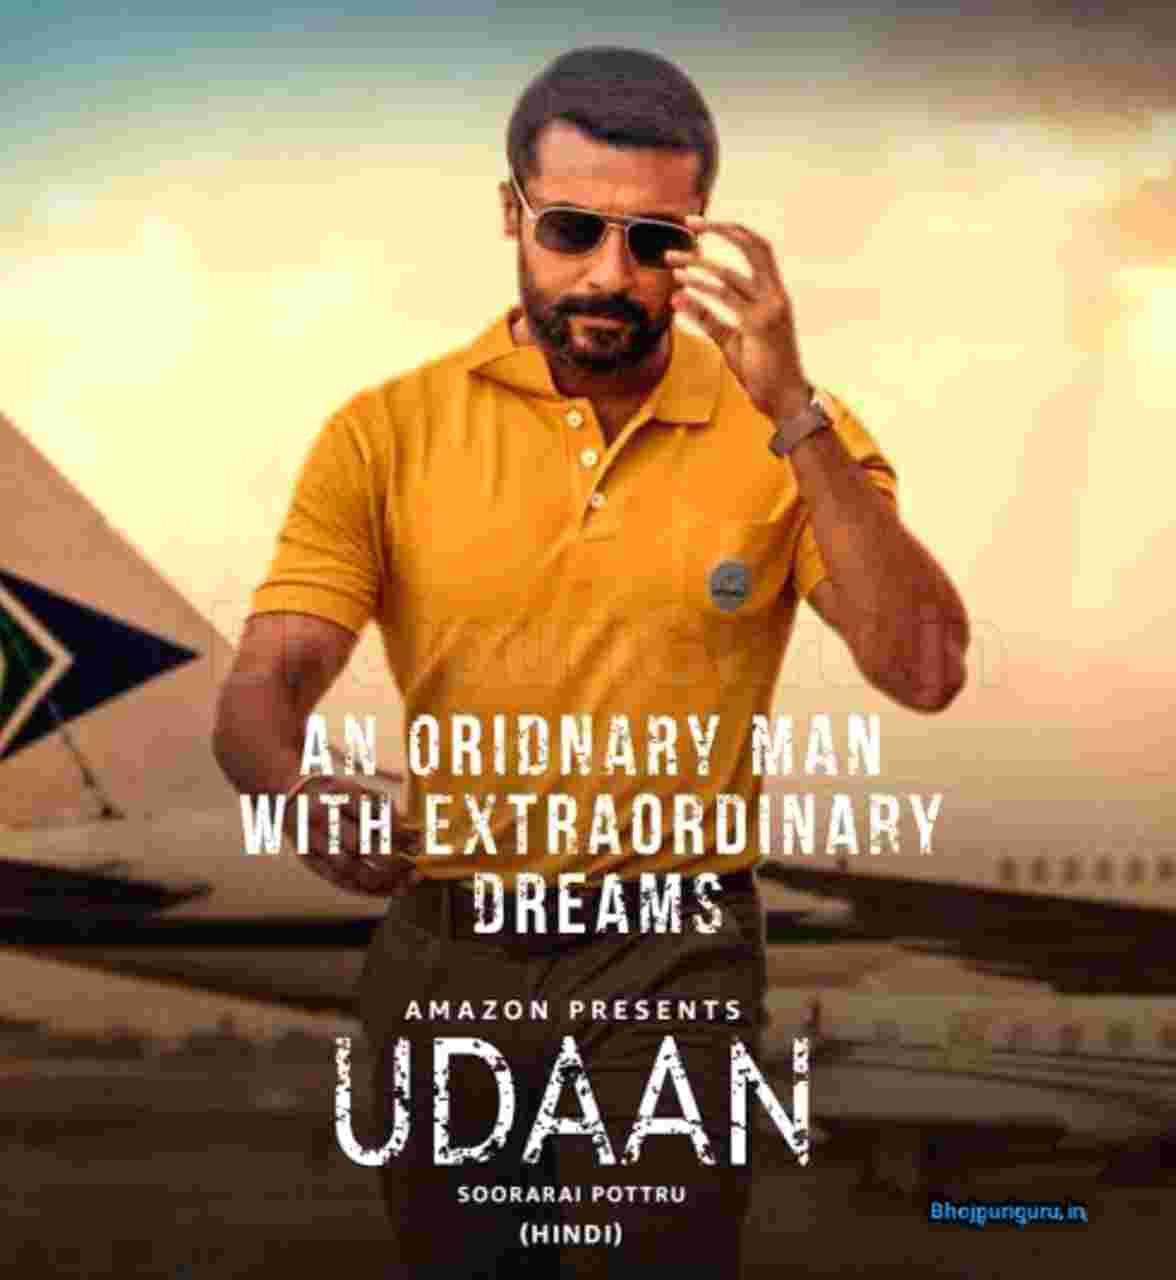 Udaan (Soorarai Pottru) 2021 Hindi Dubbed Full Movie Download Filmywap